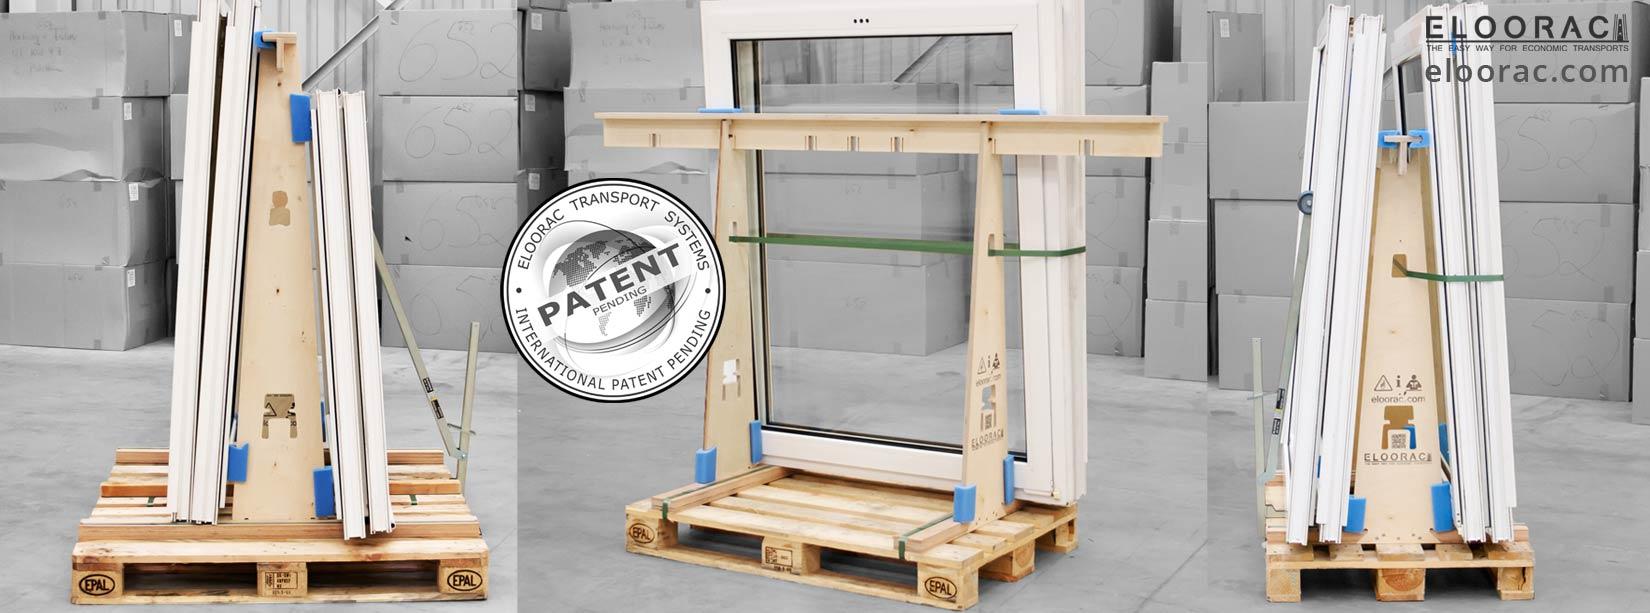 Fenster Rietberg fenster rietberg stabiler rahmen der sich leicht an und abmontieren